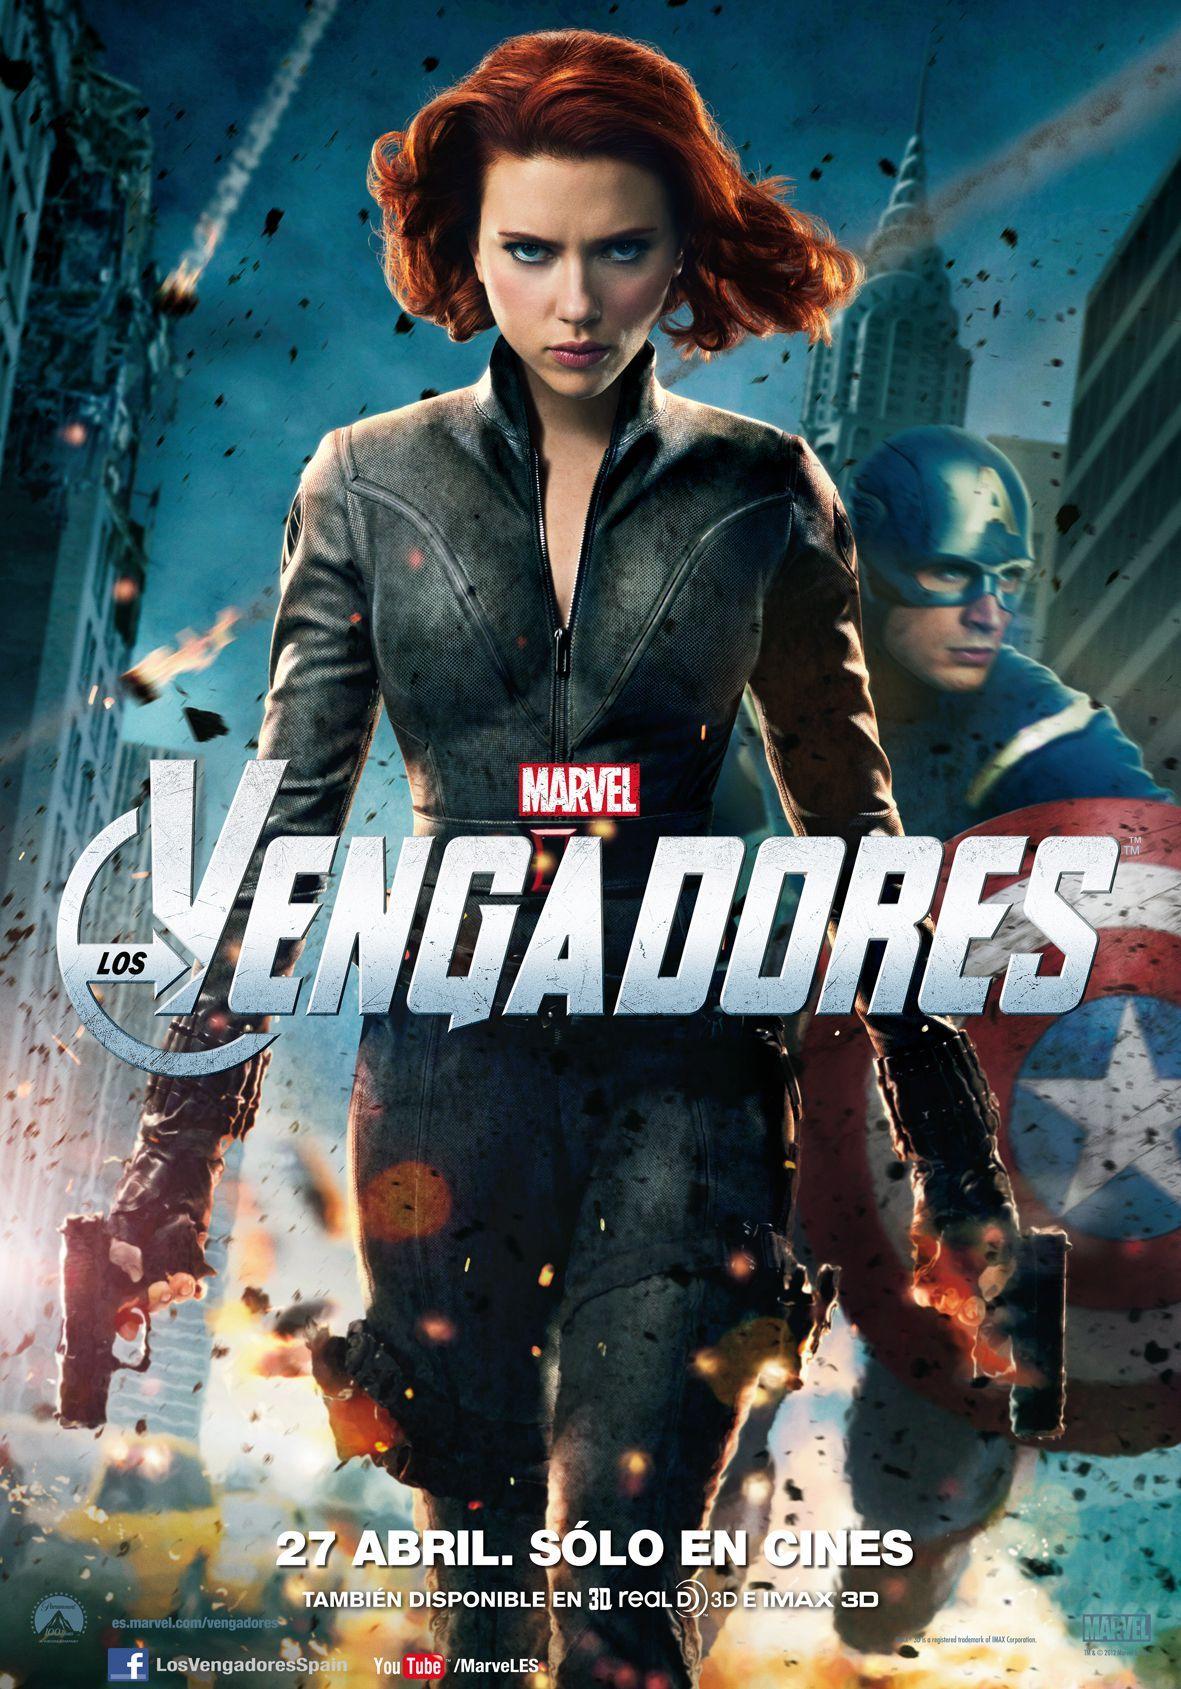 Como Ver Todas Las Peliculas De Marvel Antes De Que Lleguen Viuda Negra Y La Fase 4 Del Mcu Peliculas Marvel Avengers Marvel